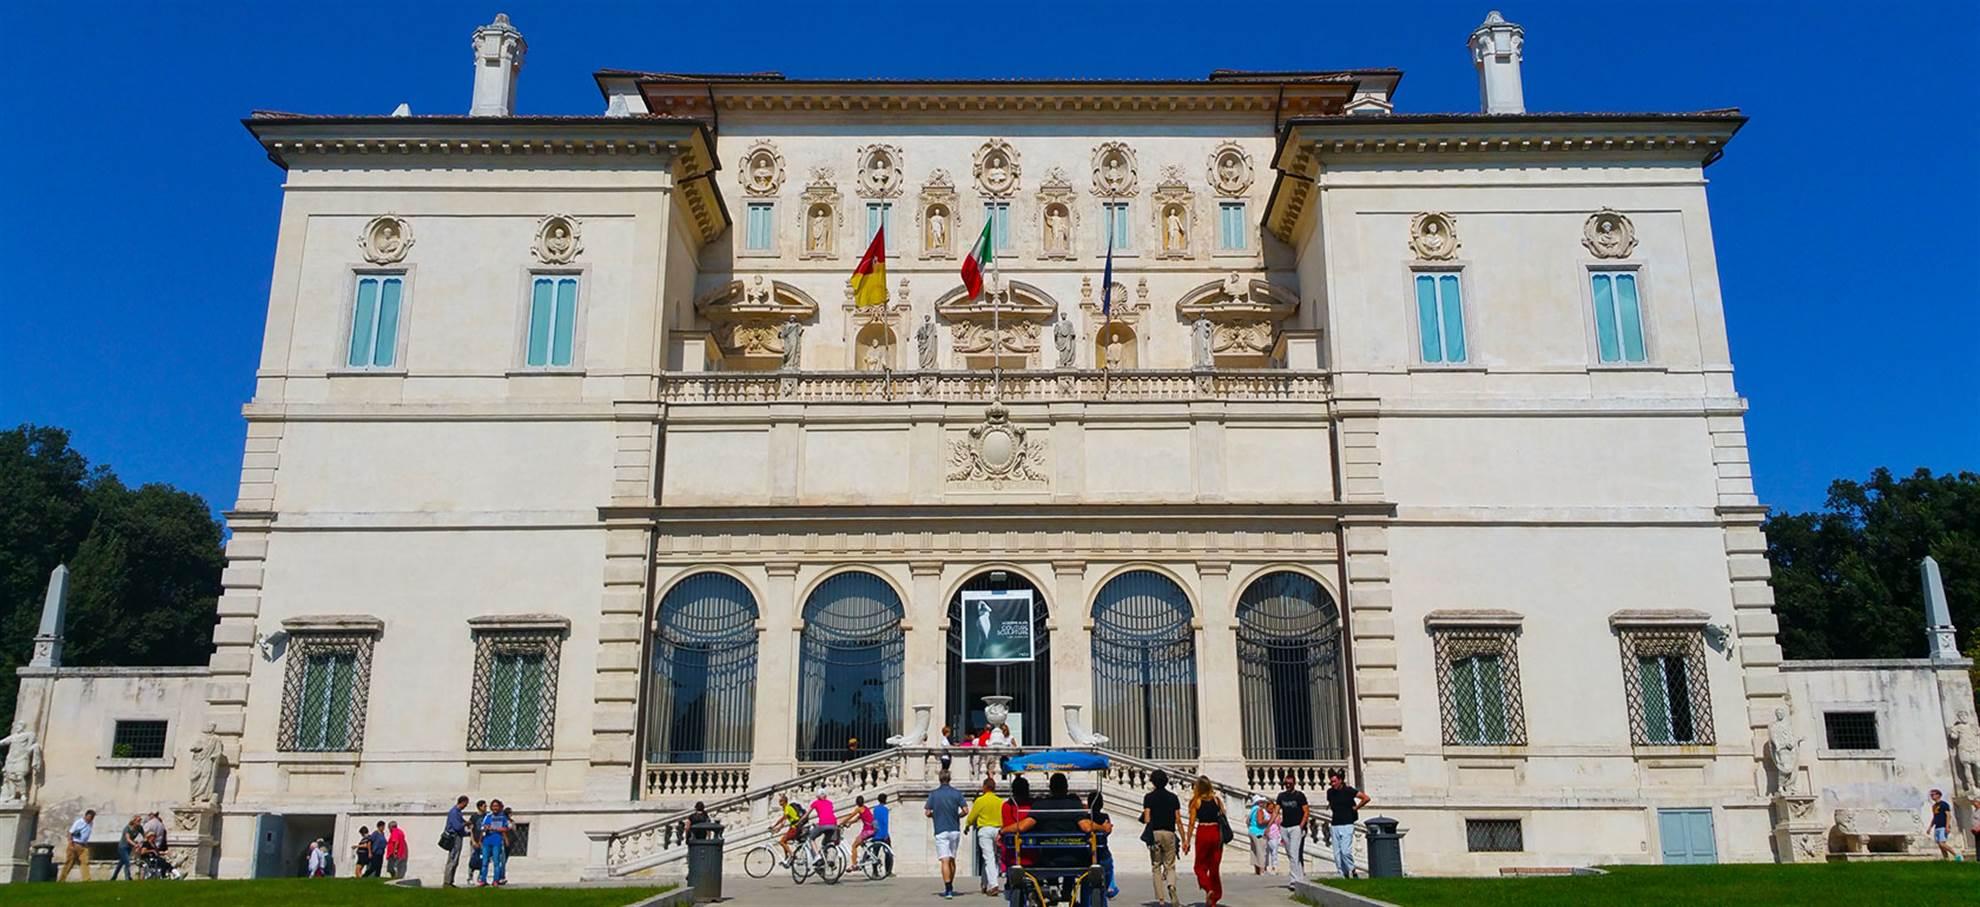 Galeria Borghese 'Evite las colas'